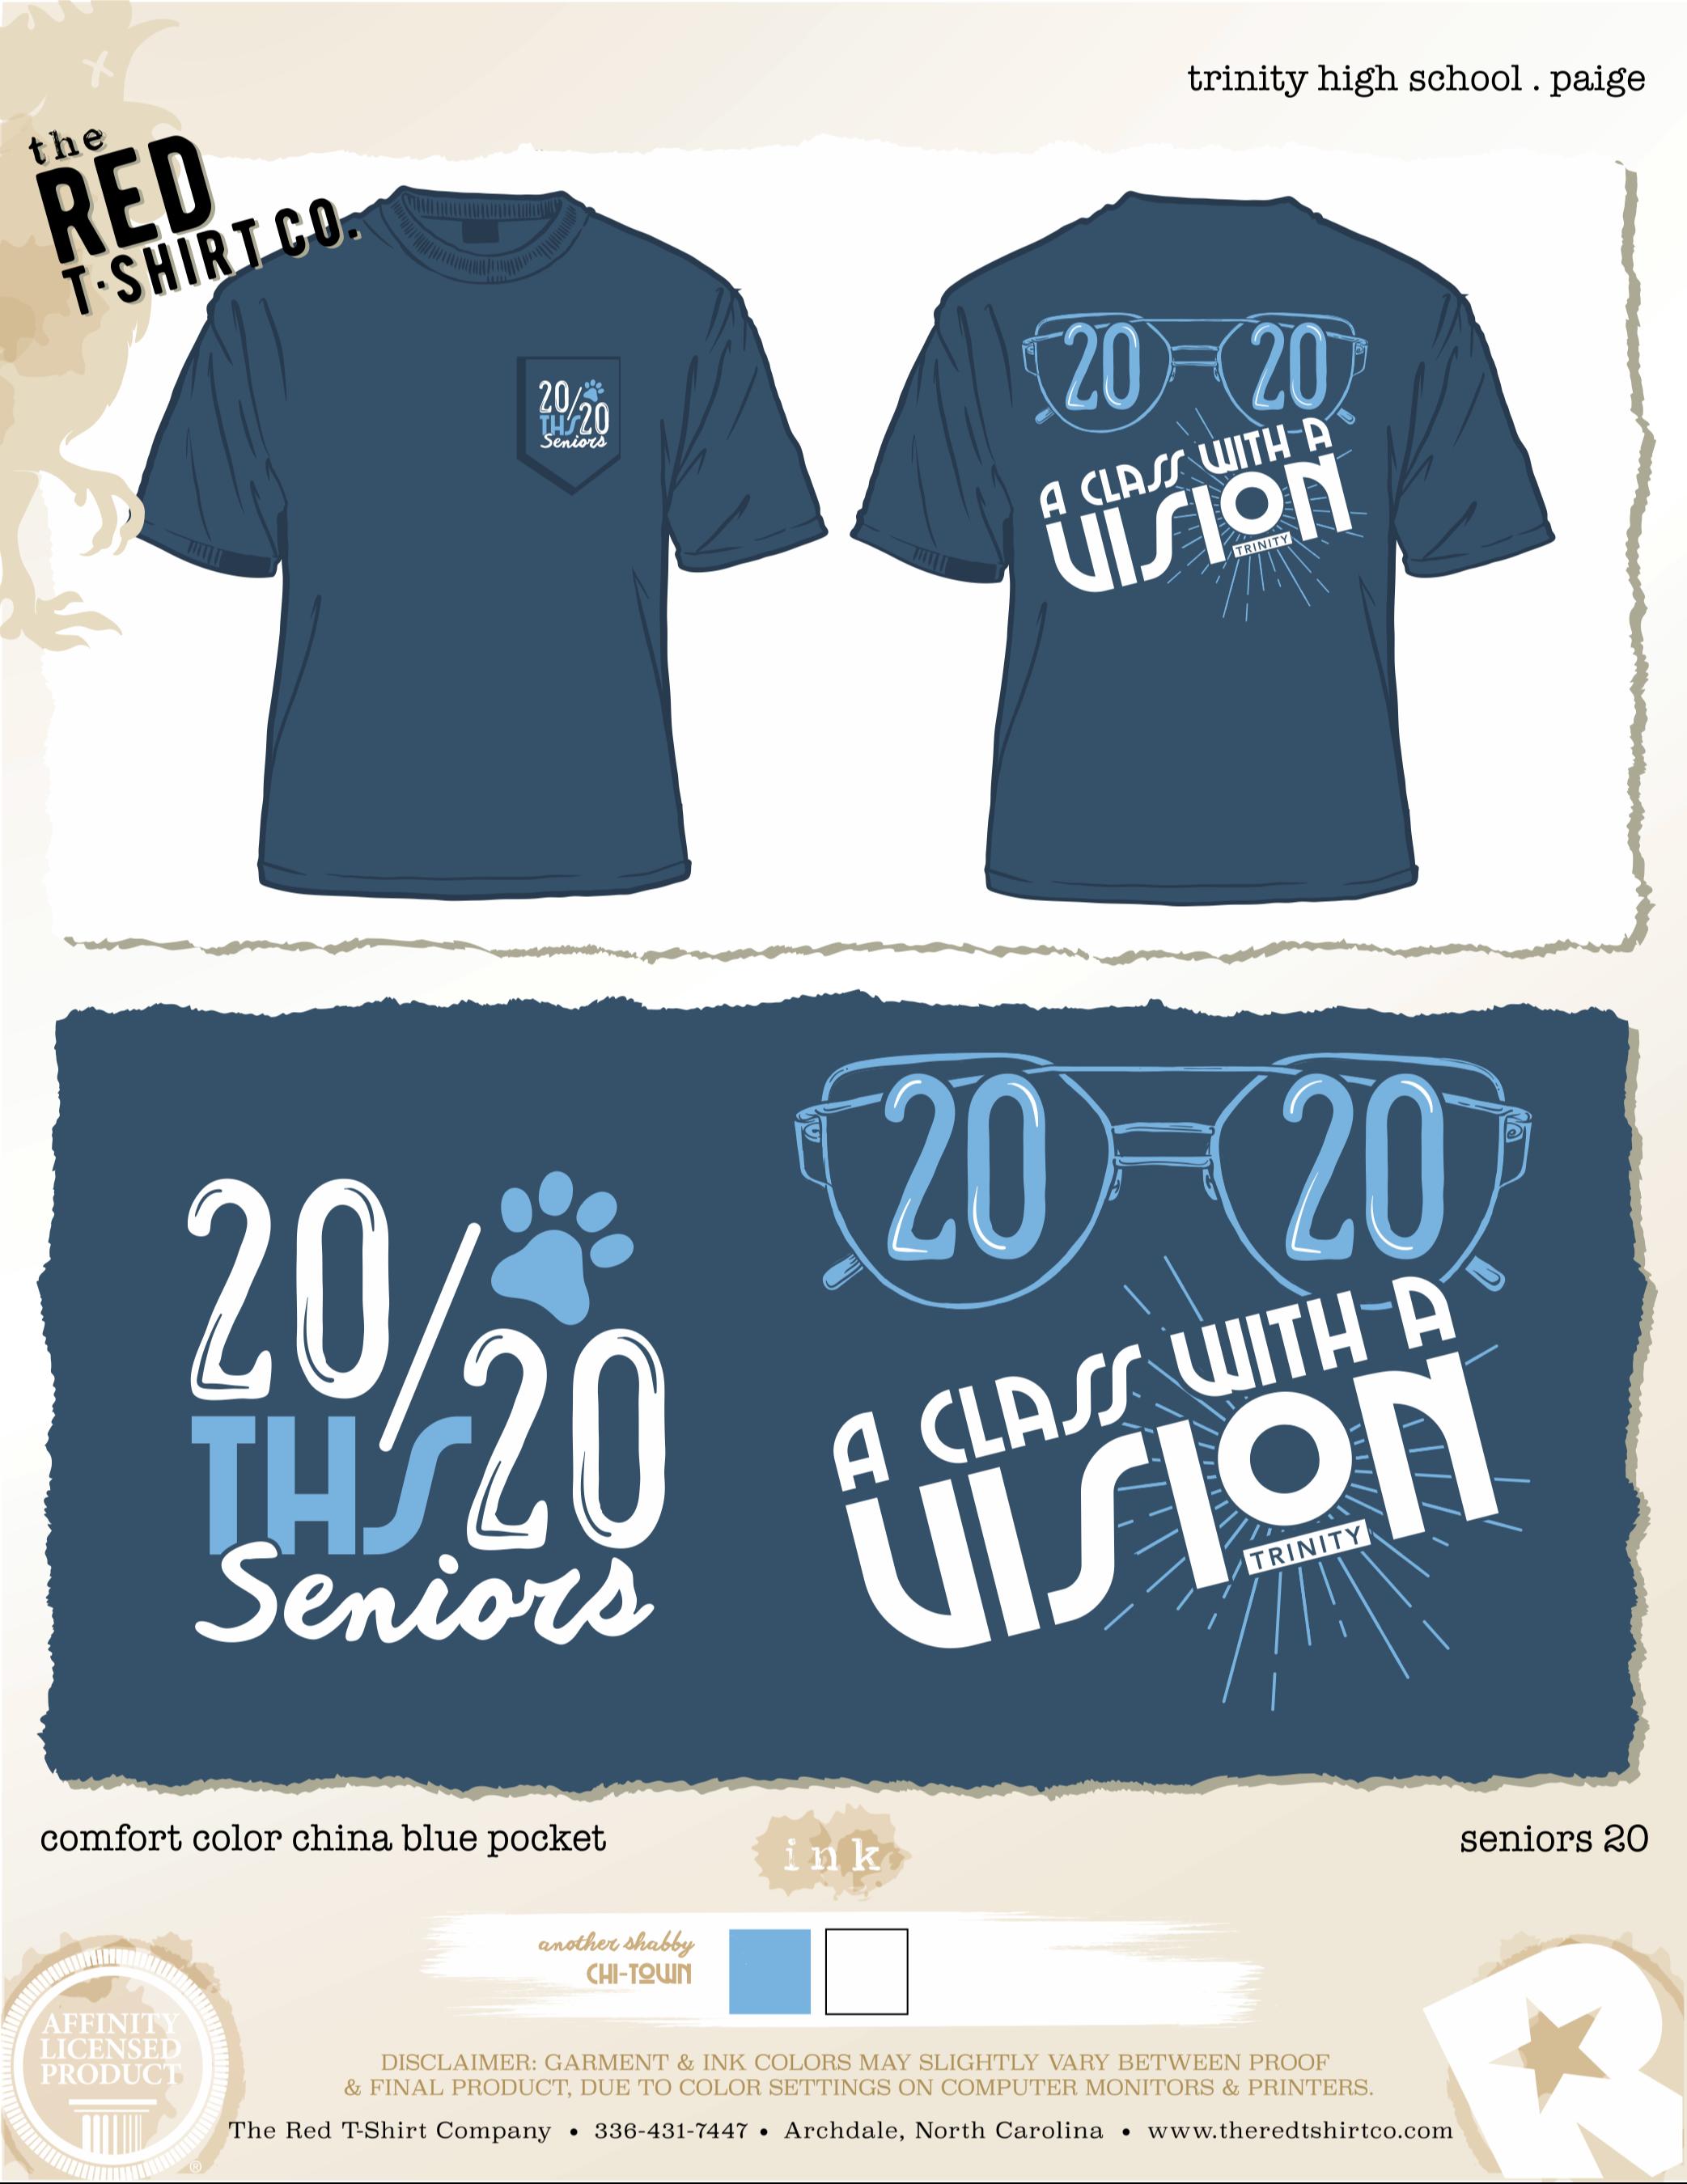 senior 2020 t-shirts